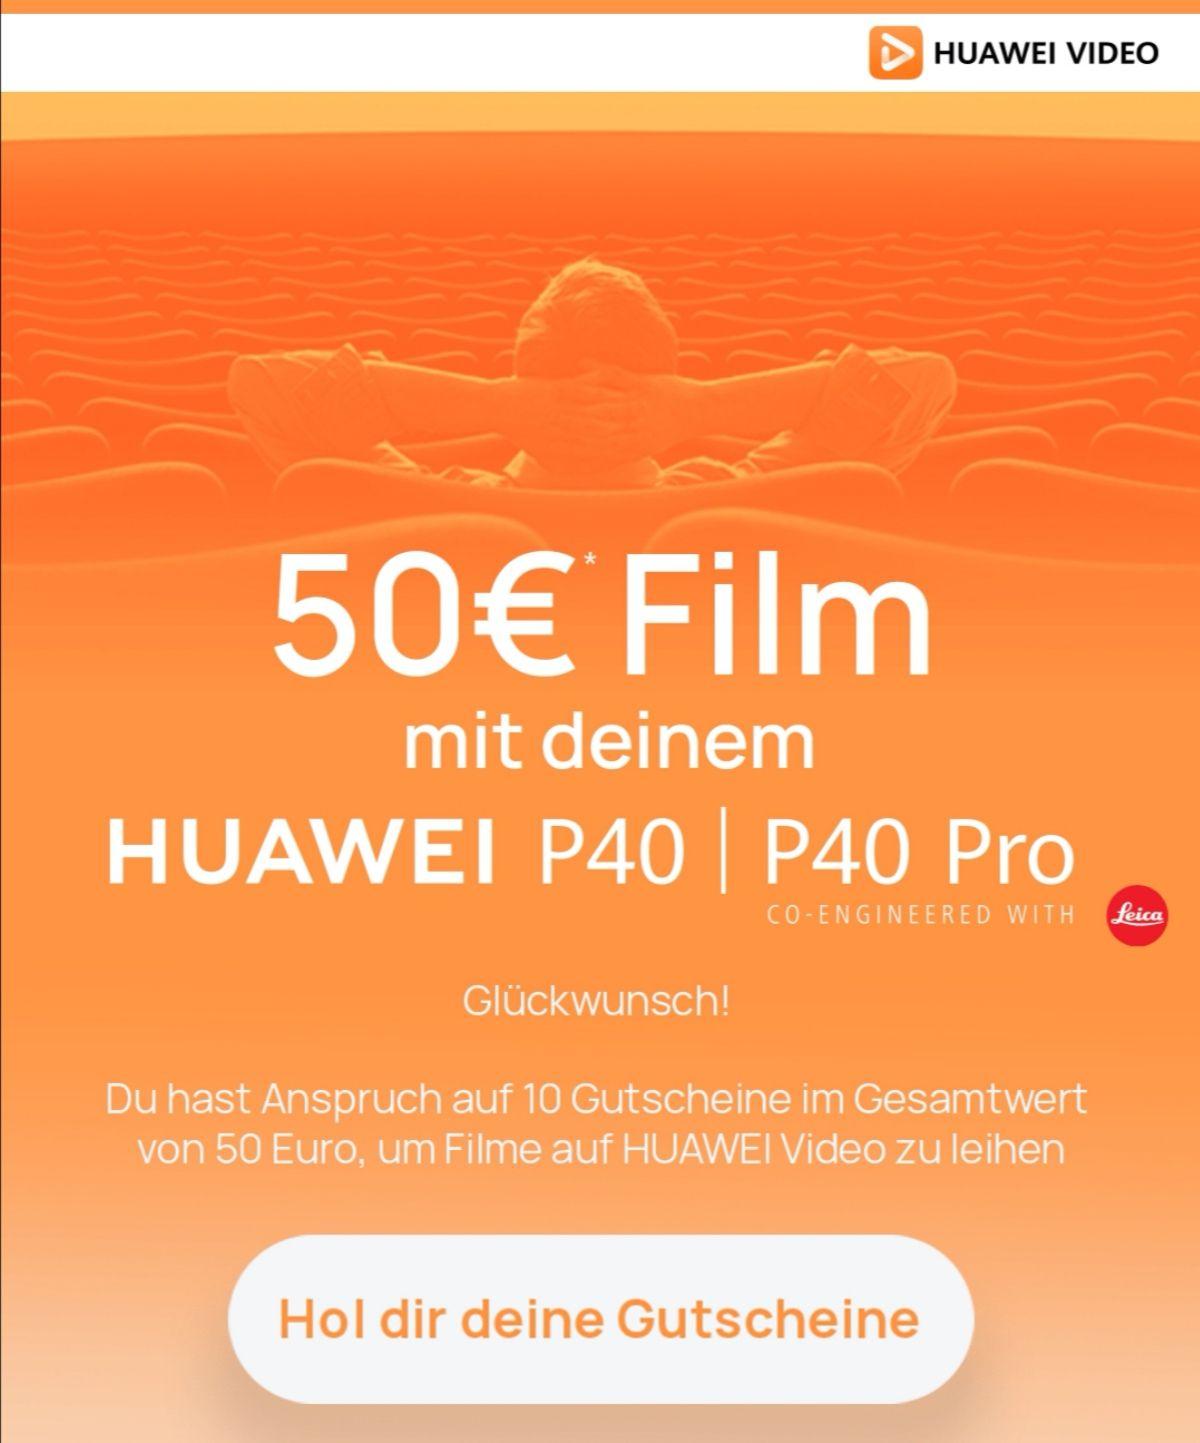 10 Rakuten TV Leihfilme gratis für P40 (Pro) Besitzer über die Huawei Video App   5 Filme für P30 Pro